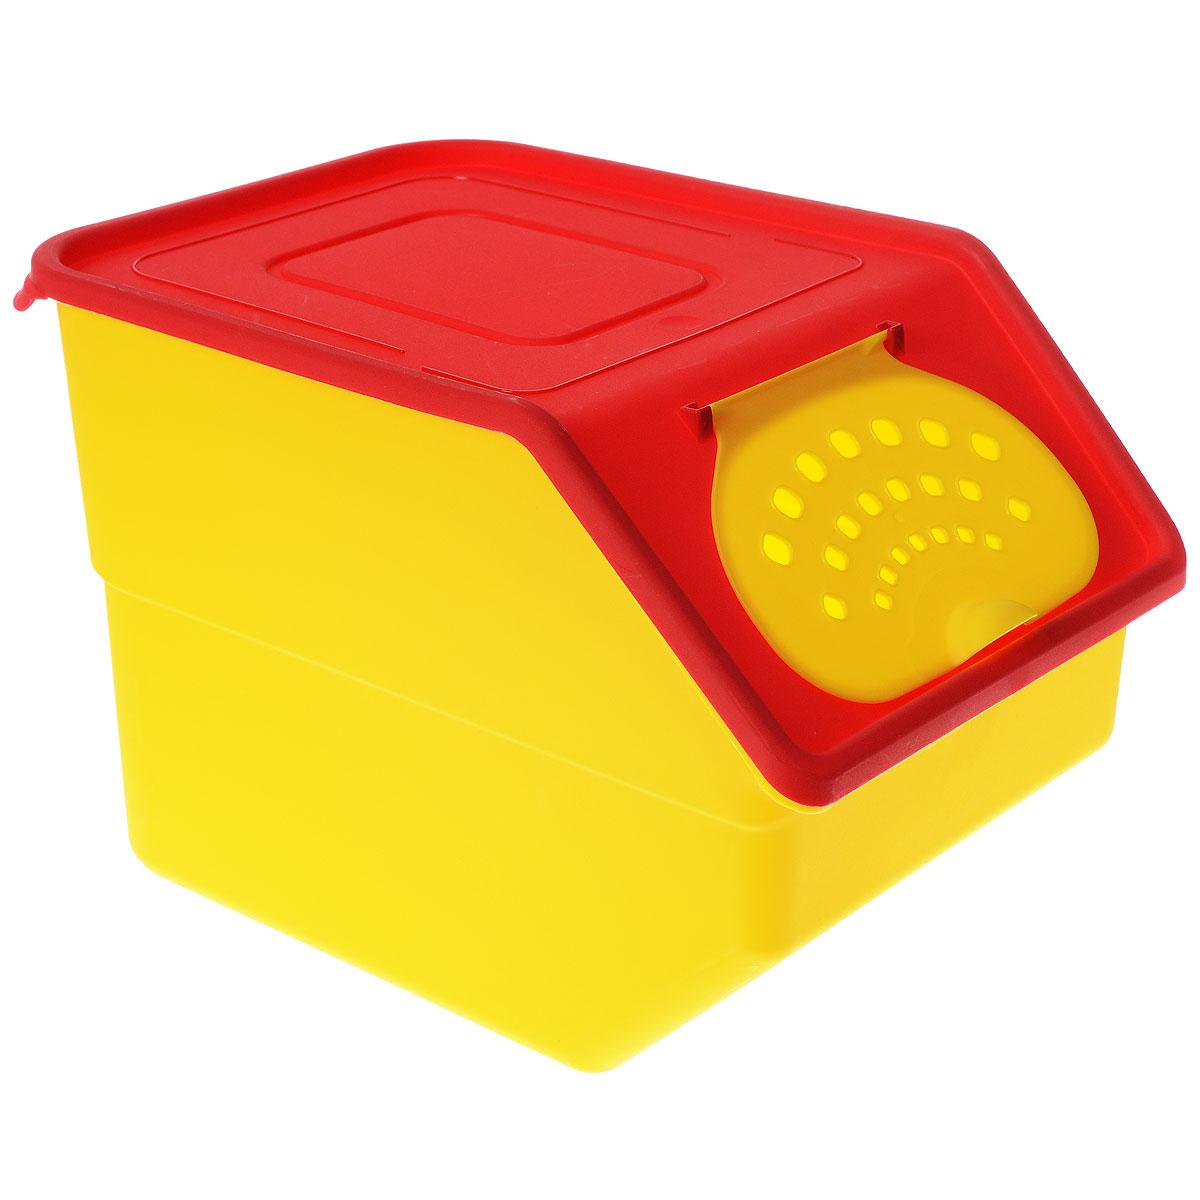 Контейнер для овощей Полимербыт Кухня, цвет: желтый, красный, 11,2 лС82133_желтый/красныйПластиковый контейнер для овощей Полимербыт Кухня изготовлен таким образом, что позволяет овощам и фруктам дышать, обеспечивая их длительную свежесть. Изделие легкое и компактное, в то же время вместительное, прекрасно впишется в пространство вашей кухни.